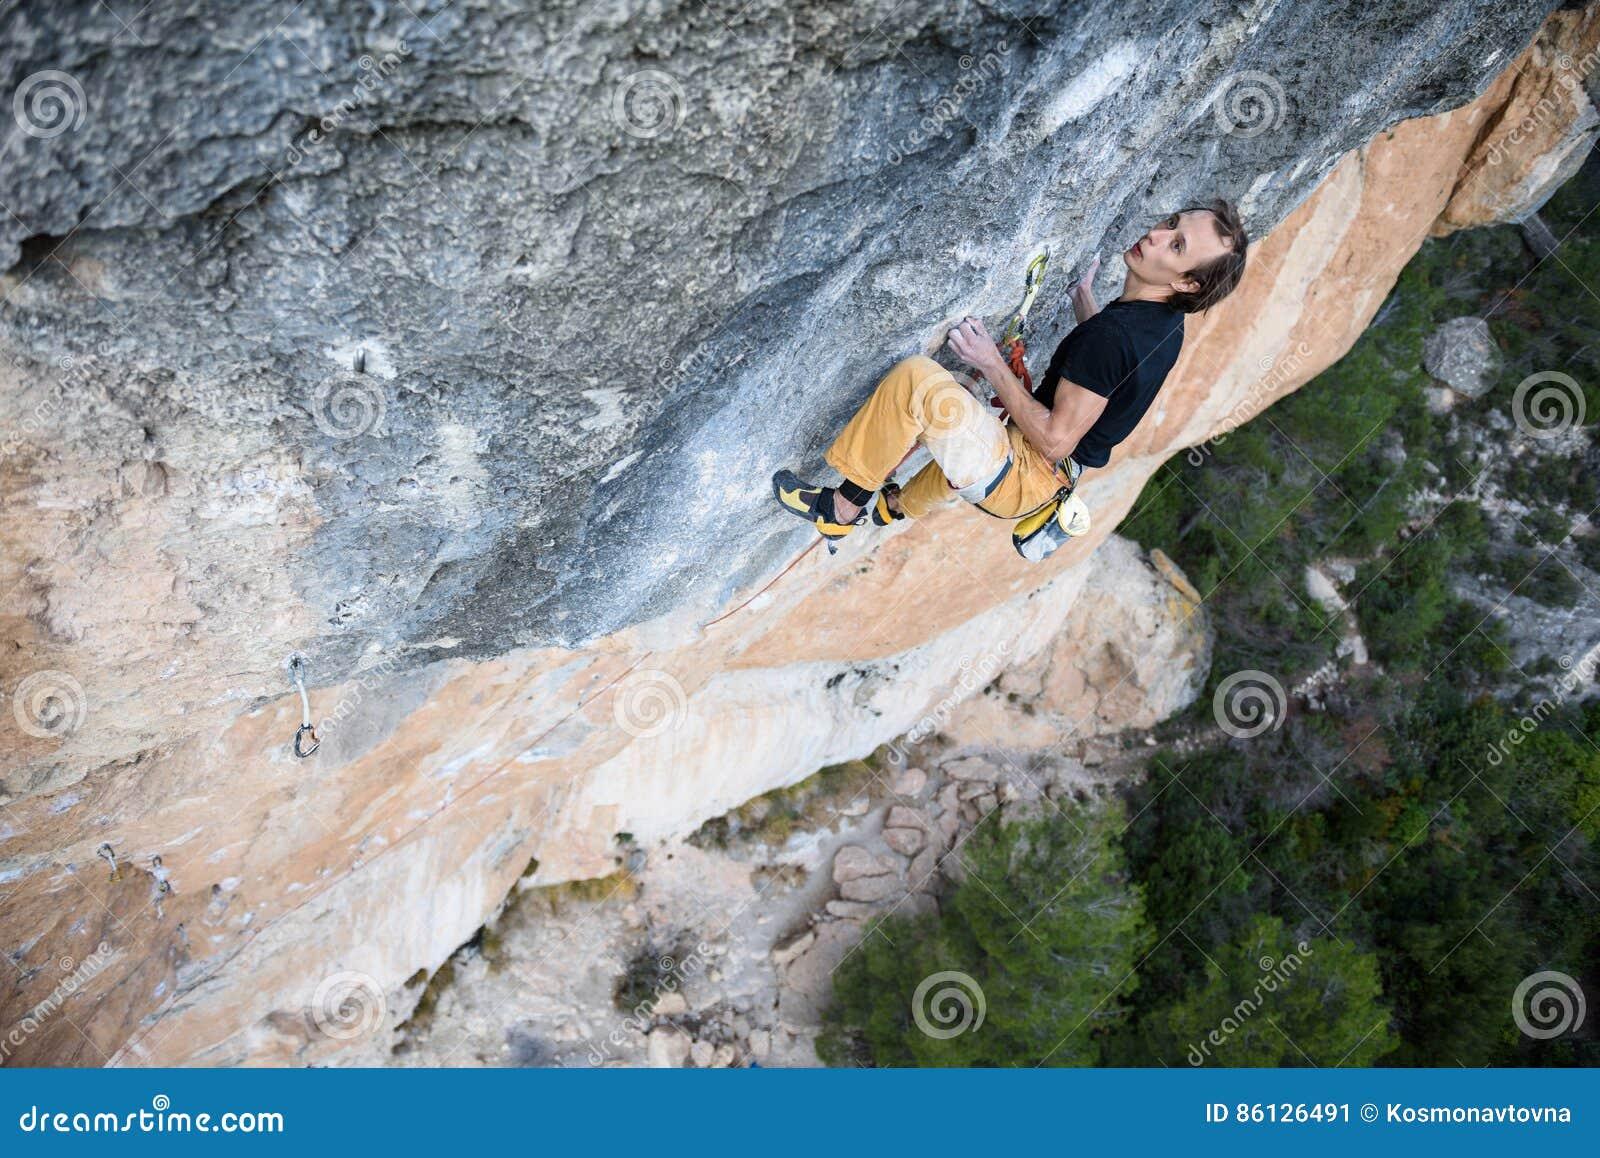 Het extreme sport beklimmen De strijd van de rotsklimmer voor succes Openlucht levensstijl